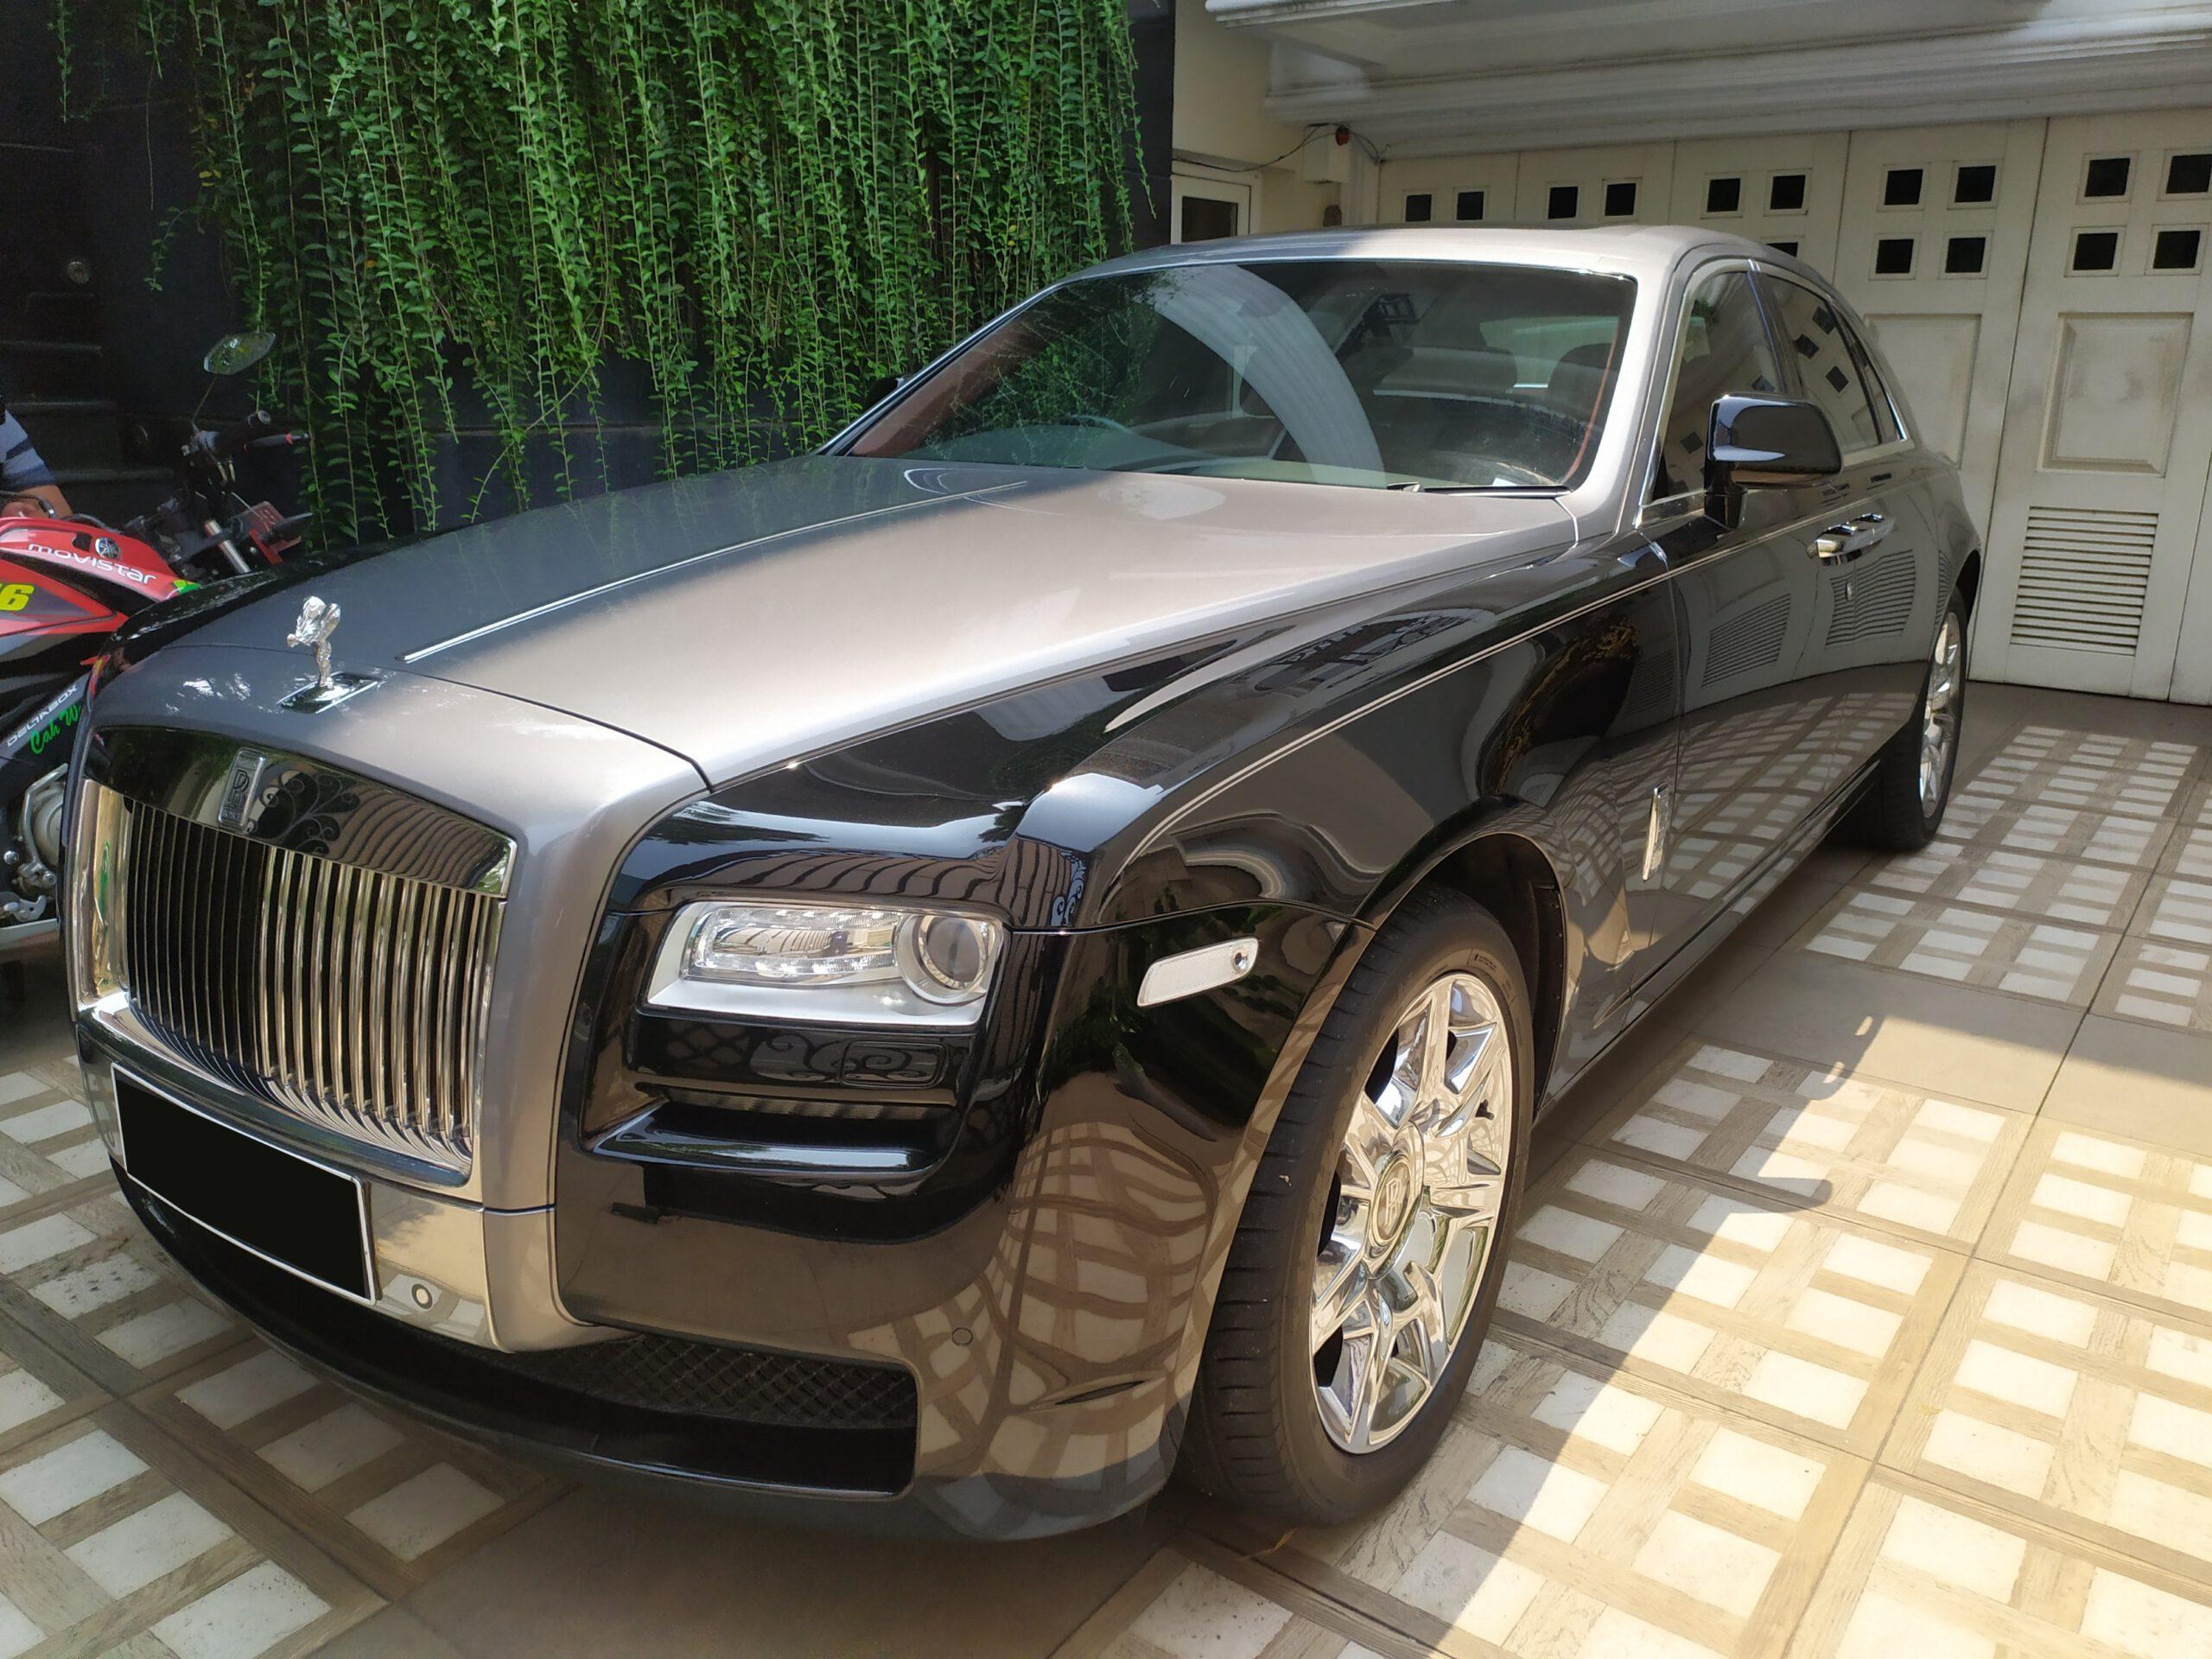 Sewa Mobil Rolls Royce dan Intip Berbagai Hal Menarik di Dalamnya